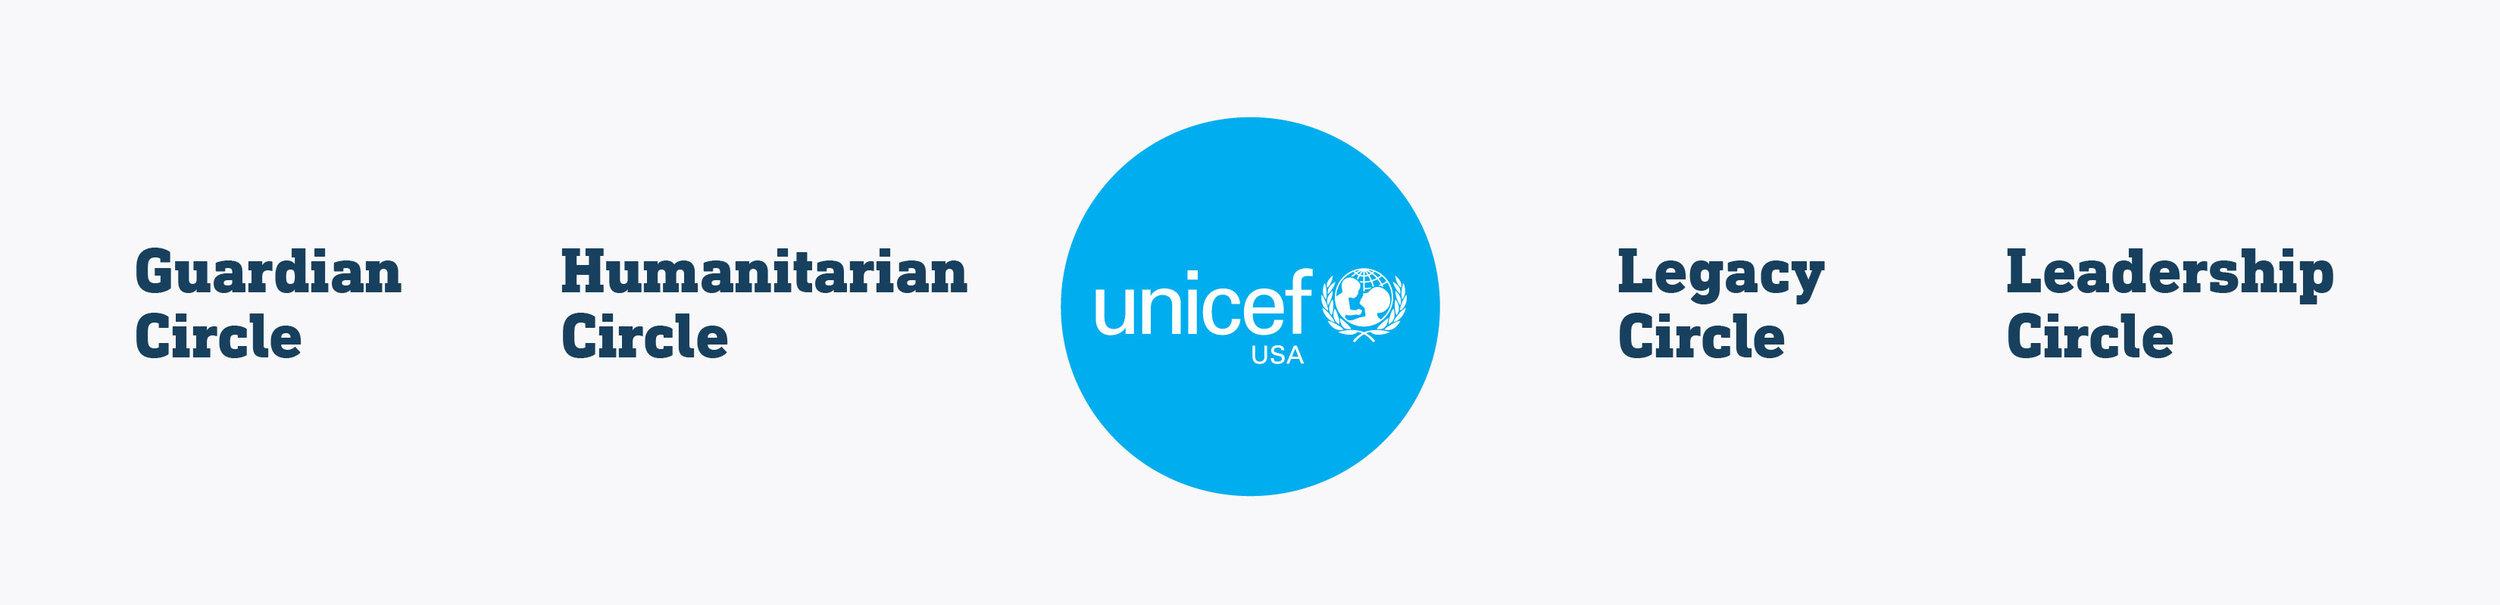 Naming UnicefGiving.jpg